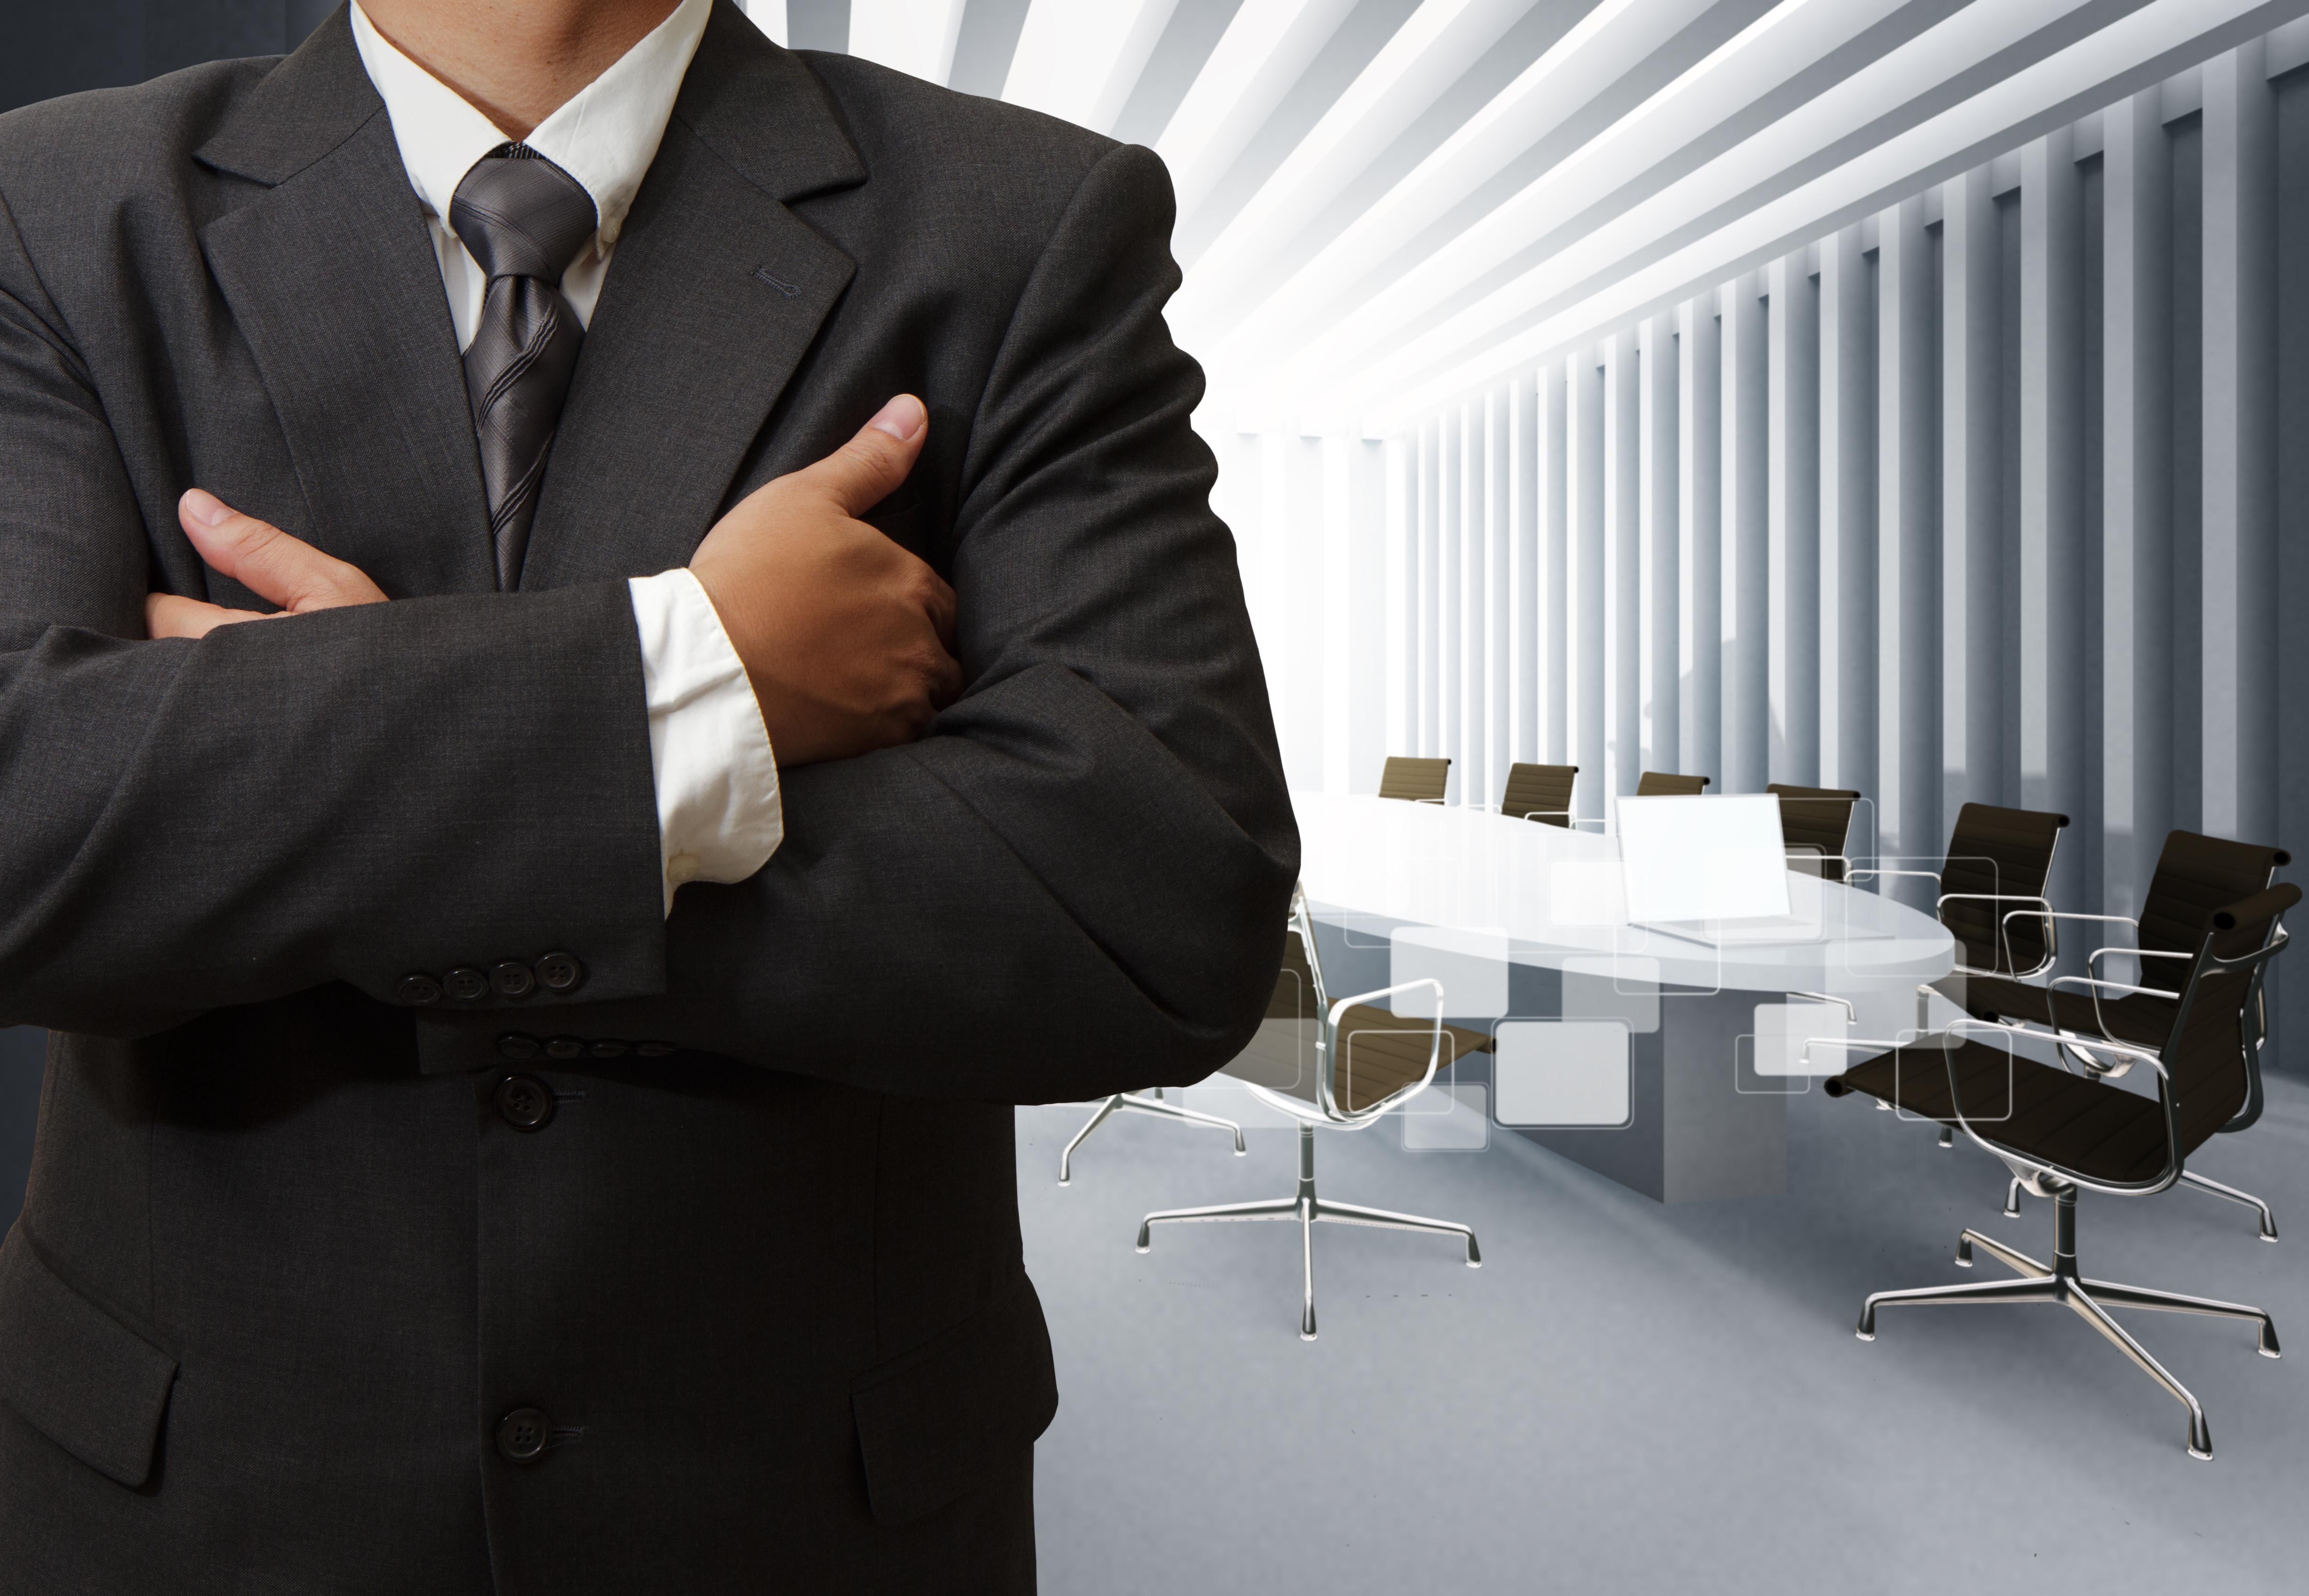 CRE, tenant tips, tenant representation